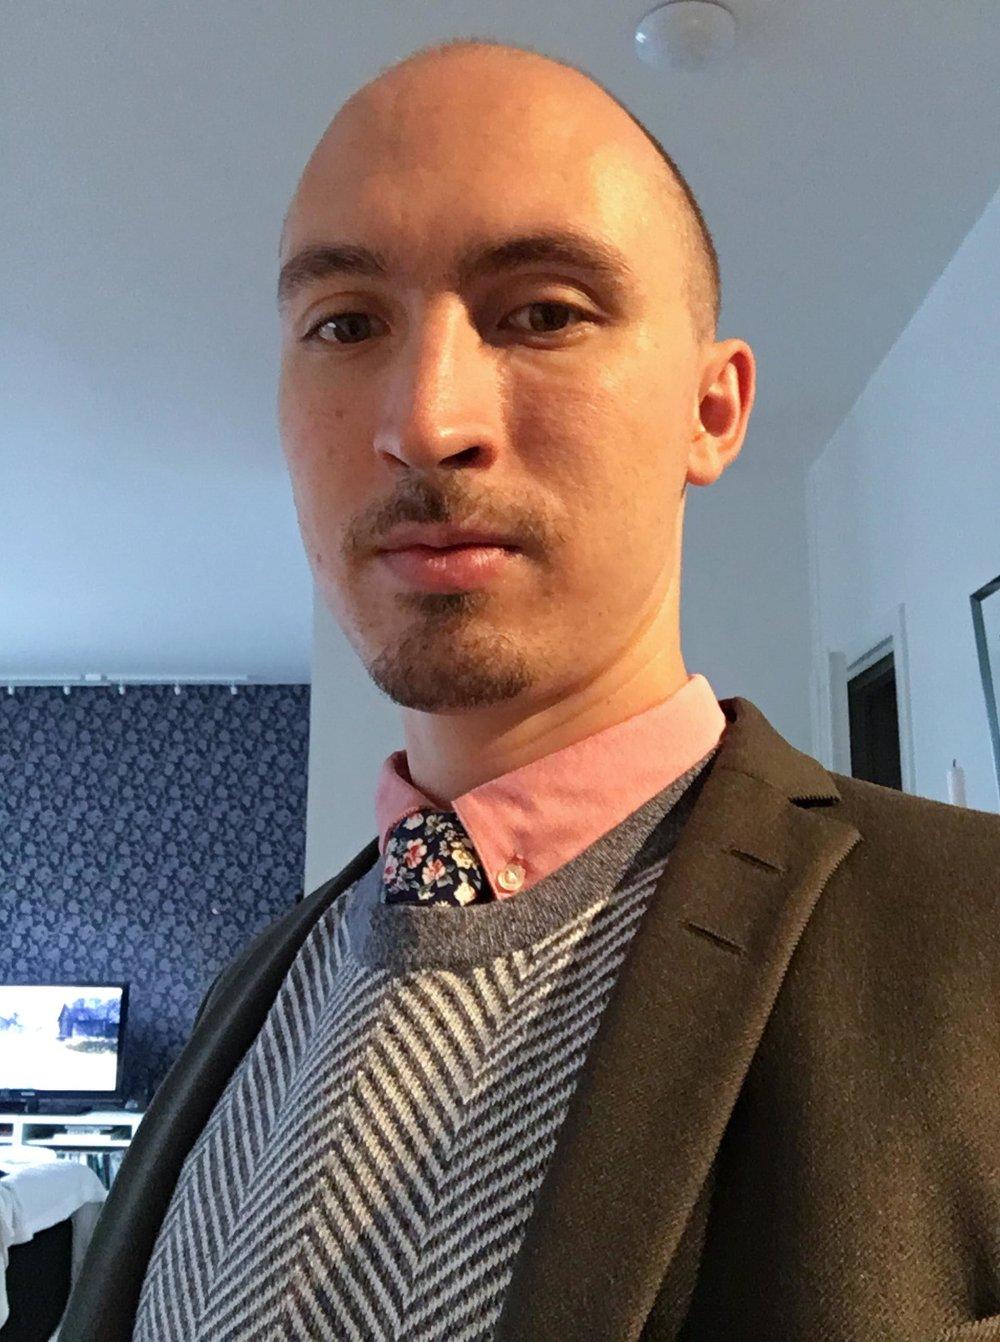 Dante Fermin - Ålder: 32Bor: StockholmPluggade: Kandidat i japanska och statsvetenskapJobbar med: Assistent på Japans ambassad